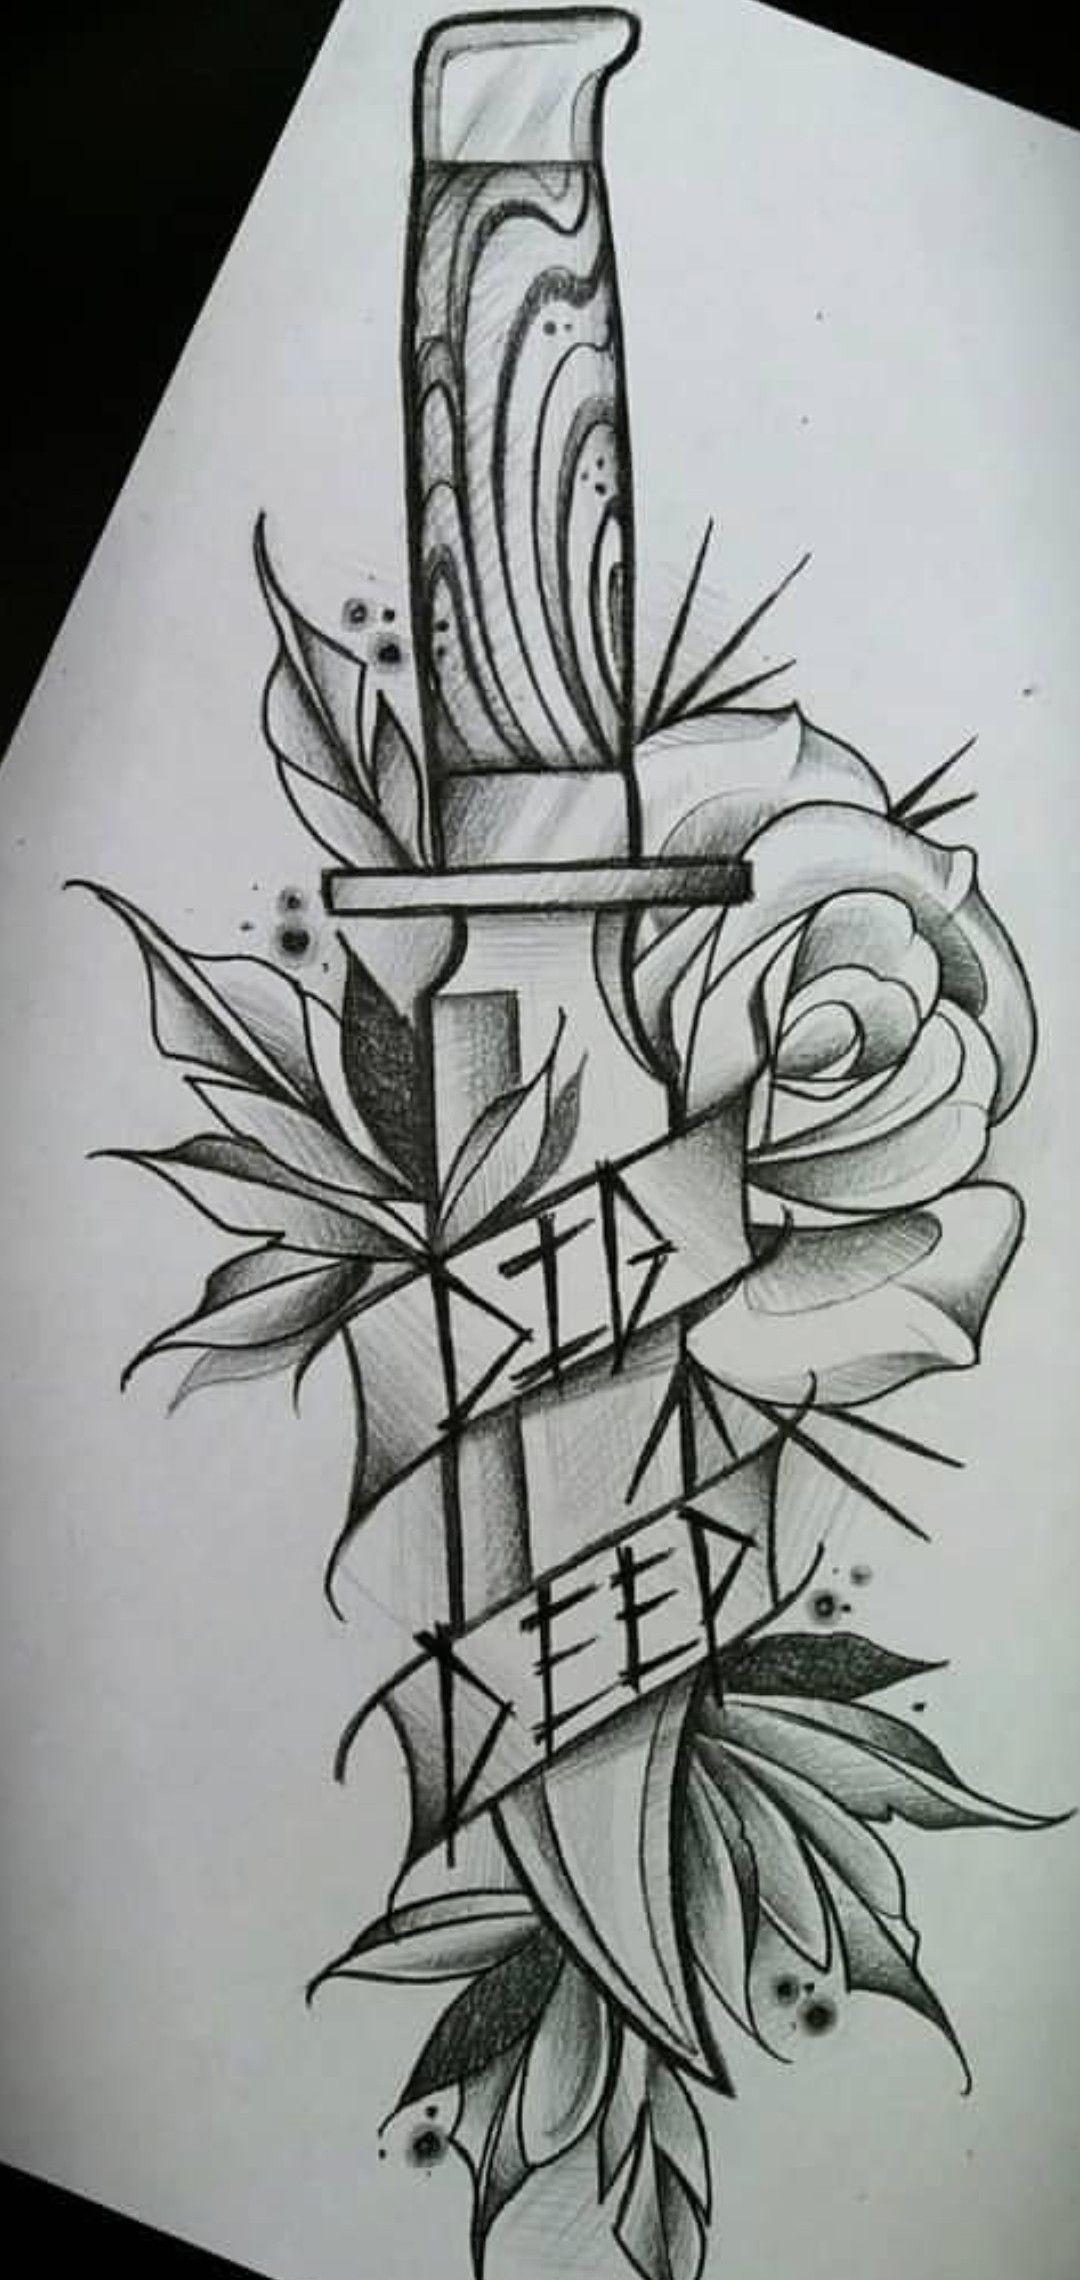 Tatuaje Cuchillo Tatuaje Cuchillo Patrones De Tatuajes Dibujos De Diseno De Tatuajes Dibujos Con Pluma Y Tinta